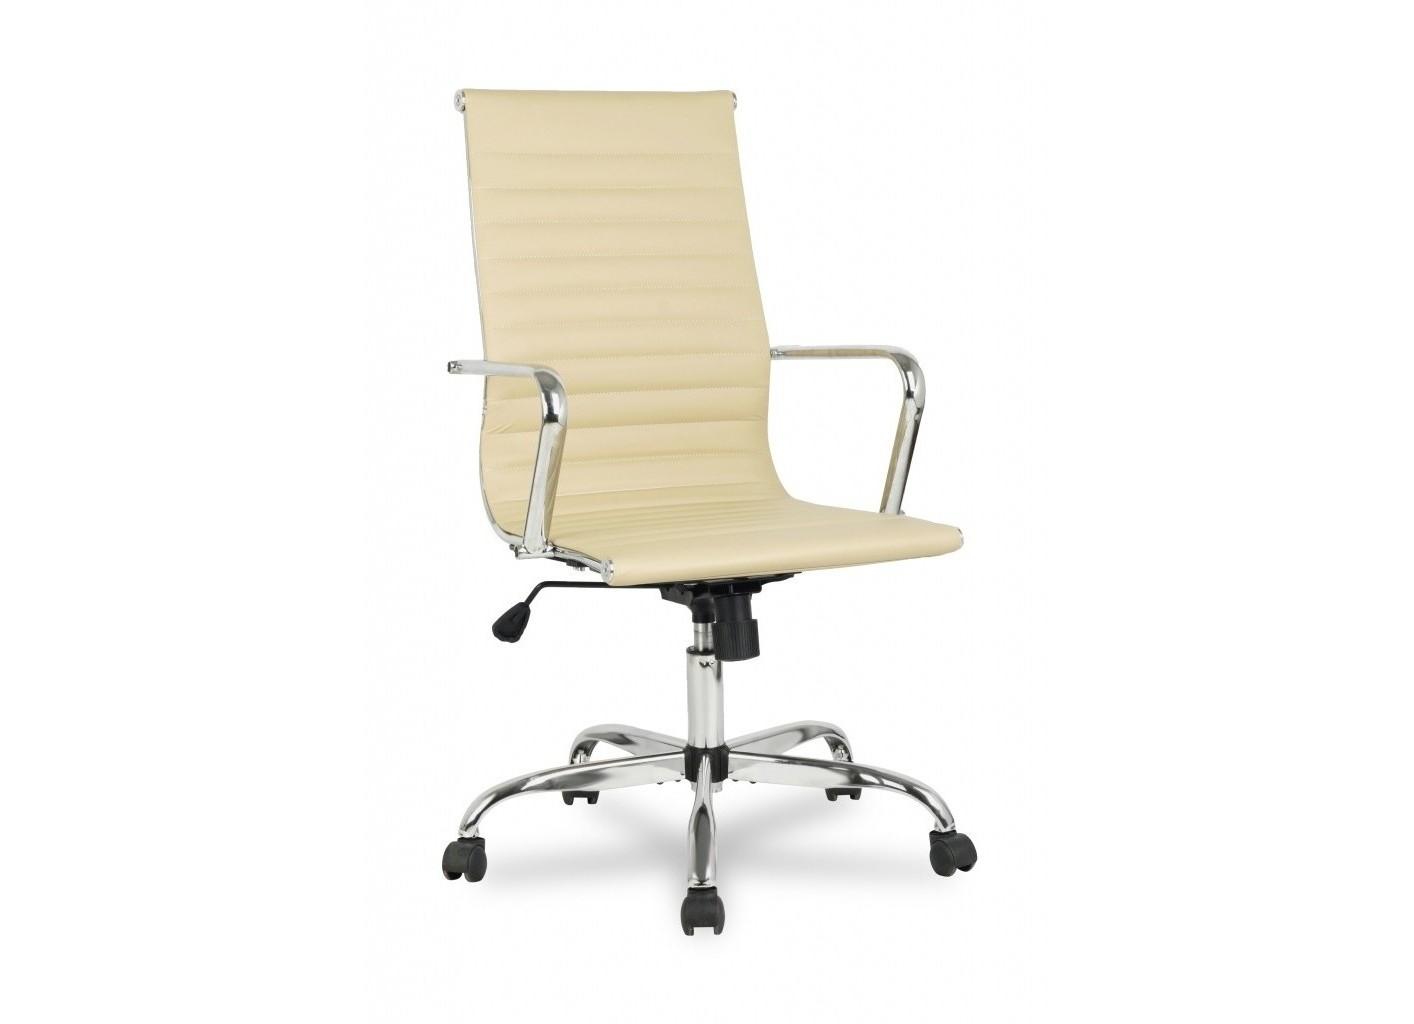 Кресло CollegeРабочие кресла<br>&amp;lt;div&amp;gt;Кресло руководителя бизнес-класса&amp;lt;/div&amp;gt;&amp;lt;div&amp;gt;&amp;lt;br&amp;gt;&amp;lt;/div&amp;gt;&amp;lt;div&amp;gt;Конструкция:&amp;lt;/div&amp;gt;&amp;lt;div&amp;gt;Механизм качания с регулировкой под вес и фиксацией в вертикальном положении&amp;lt;/div&amp;gt;&amp;lt;div&amp;gt;Регулировка высоты (газлифт)&amp;amp;nbsp;&amp;lt;/div&amp;gt;&amp;lt;div&amp;gt;Каркас металлический хромированный&amp;lt;/div&amp;gt;&amp;lt;div&amp;gt;Подлокотники &amp;amp;nbsp;хромированные &amp;amp;nbsp;без накладок&amp;lt;/div&amp;gt;&amp;lt;div&amp;gt;Материал обивки: кожа PU&amp;lt;/div&amp;gt;&amp;lt;div&amp;gt;Ограничение по весу: 120 кг&amp;lt;/div&amp;gt;<br><br>Material: Кожа<br>Ширина см: 56<br>Высота см: 115<br>Глубина см: 63